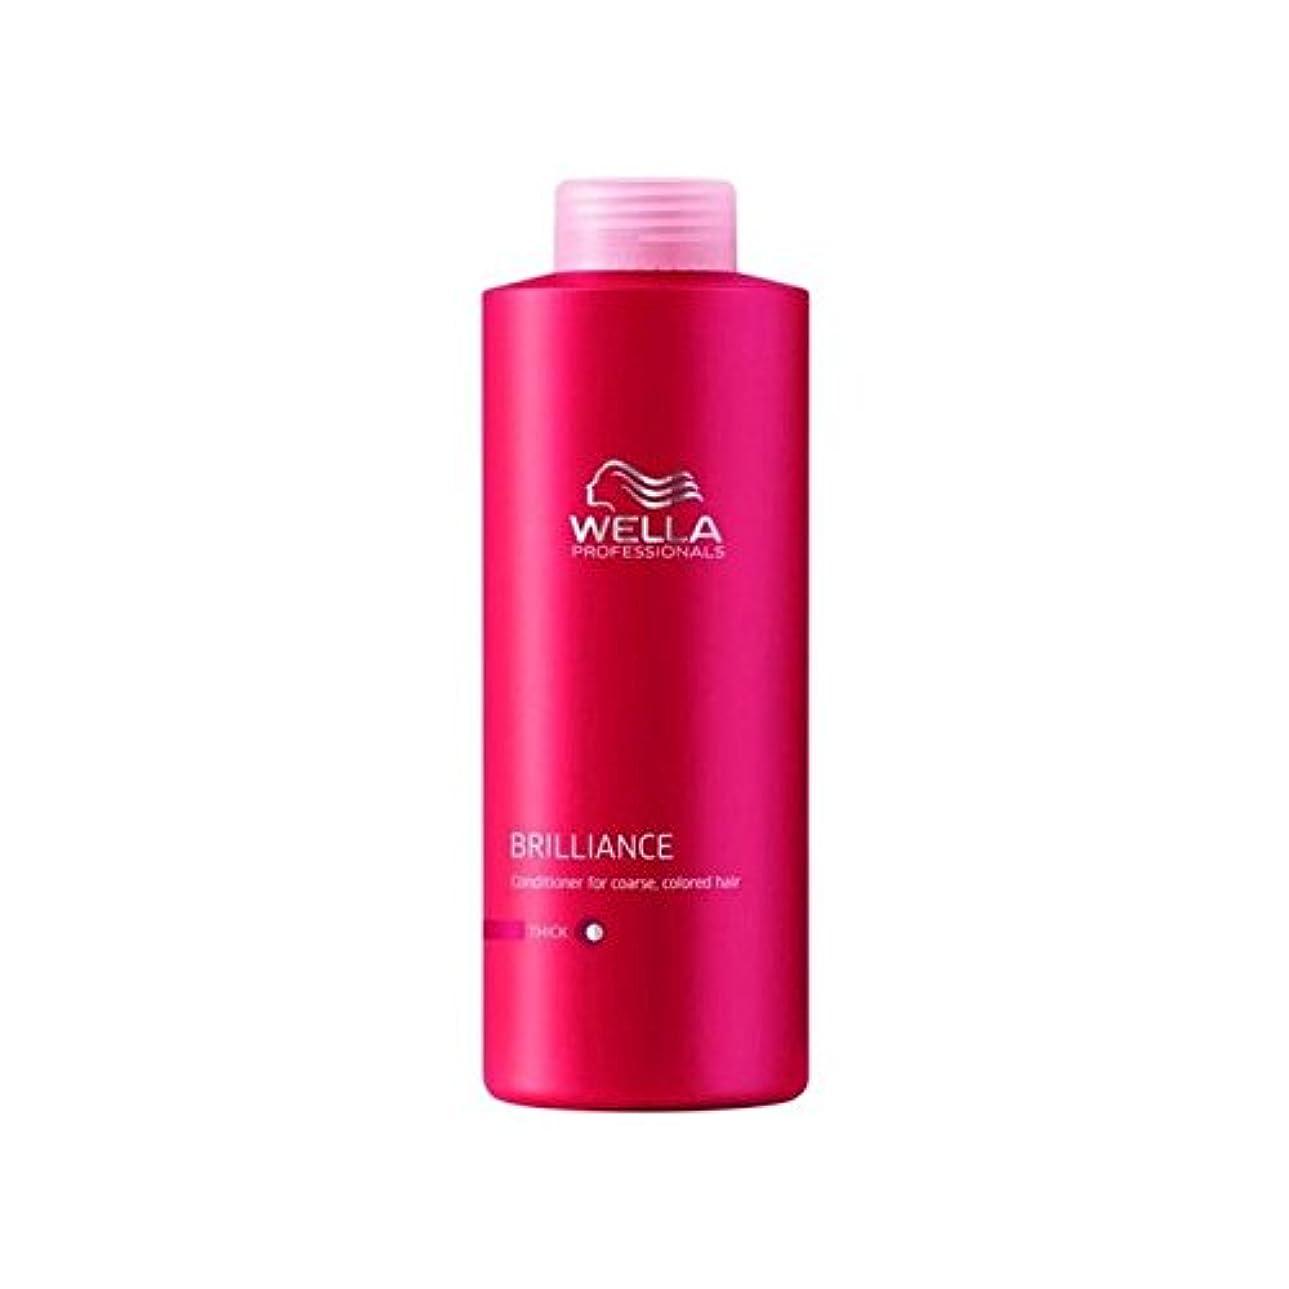 ボウリング隔離ヘビウェラの専門家は粗いコンディショナー(千ミリリットル)をブリリアンス x4 - Wella Professionals Brilliance Coarse Conditioner (1000ml) (Pack of 4)...